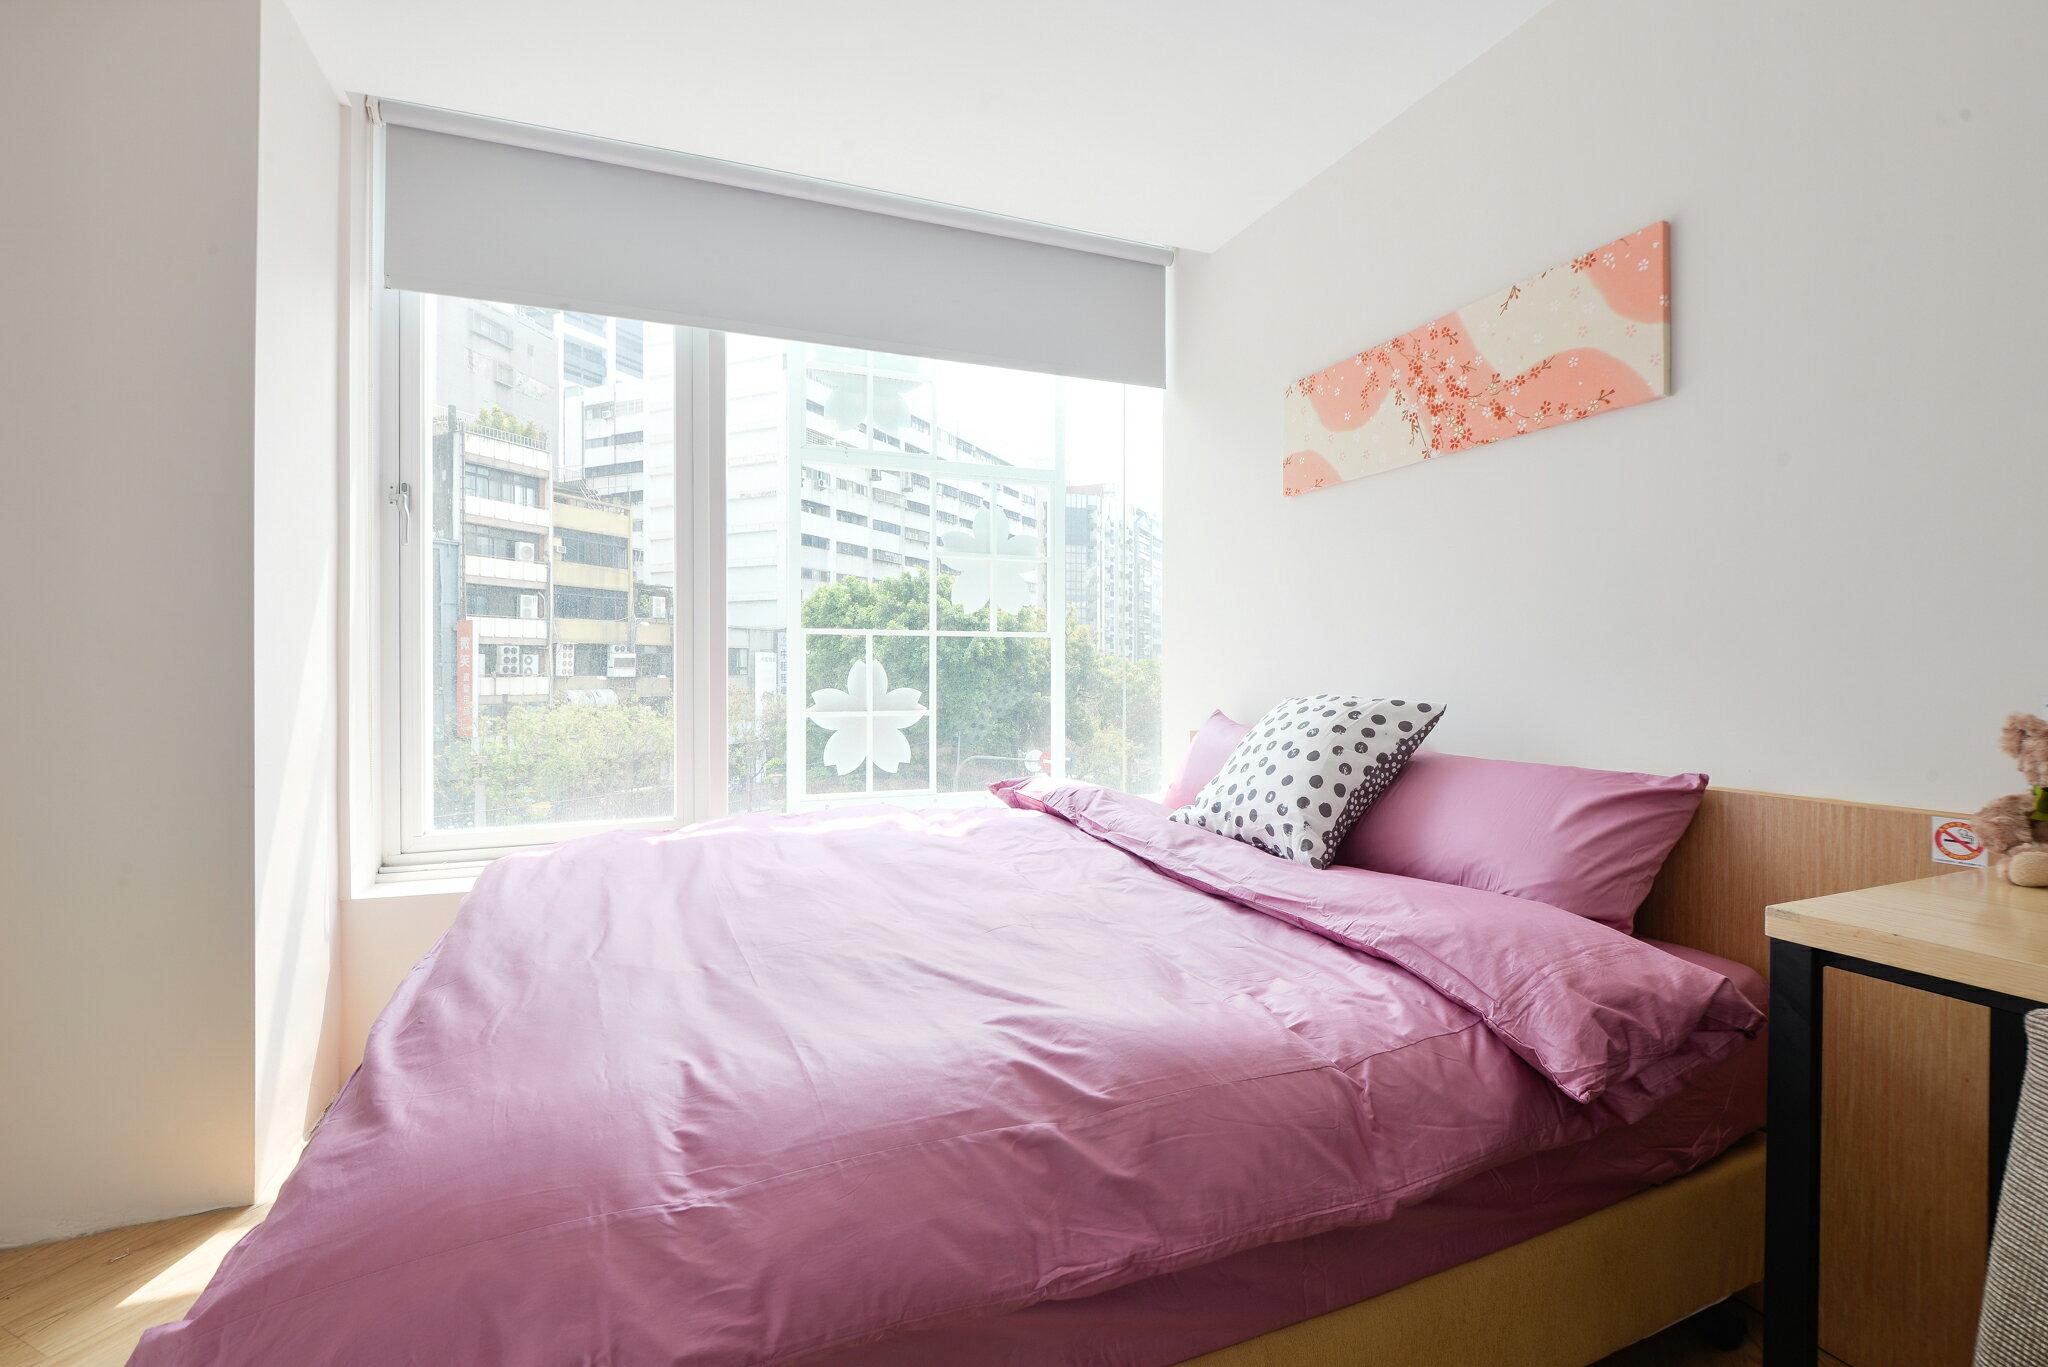 素色床包 精梳棉紫色床包組 單人 雙人 雙人加大 提朵拉生活館 台灣製造 大鐘染印布料